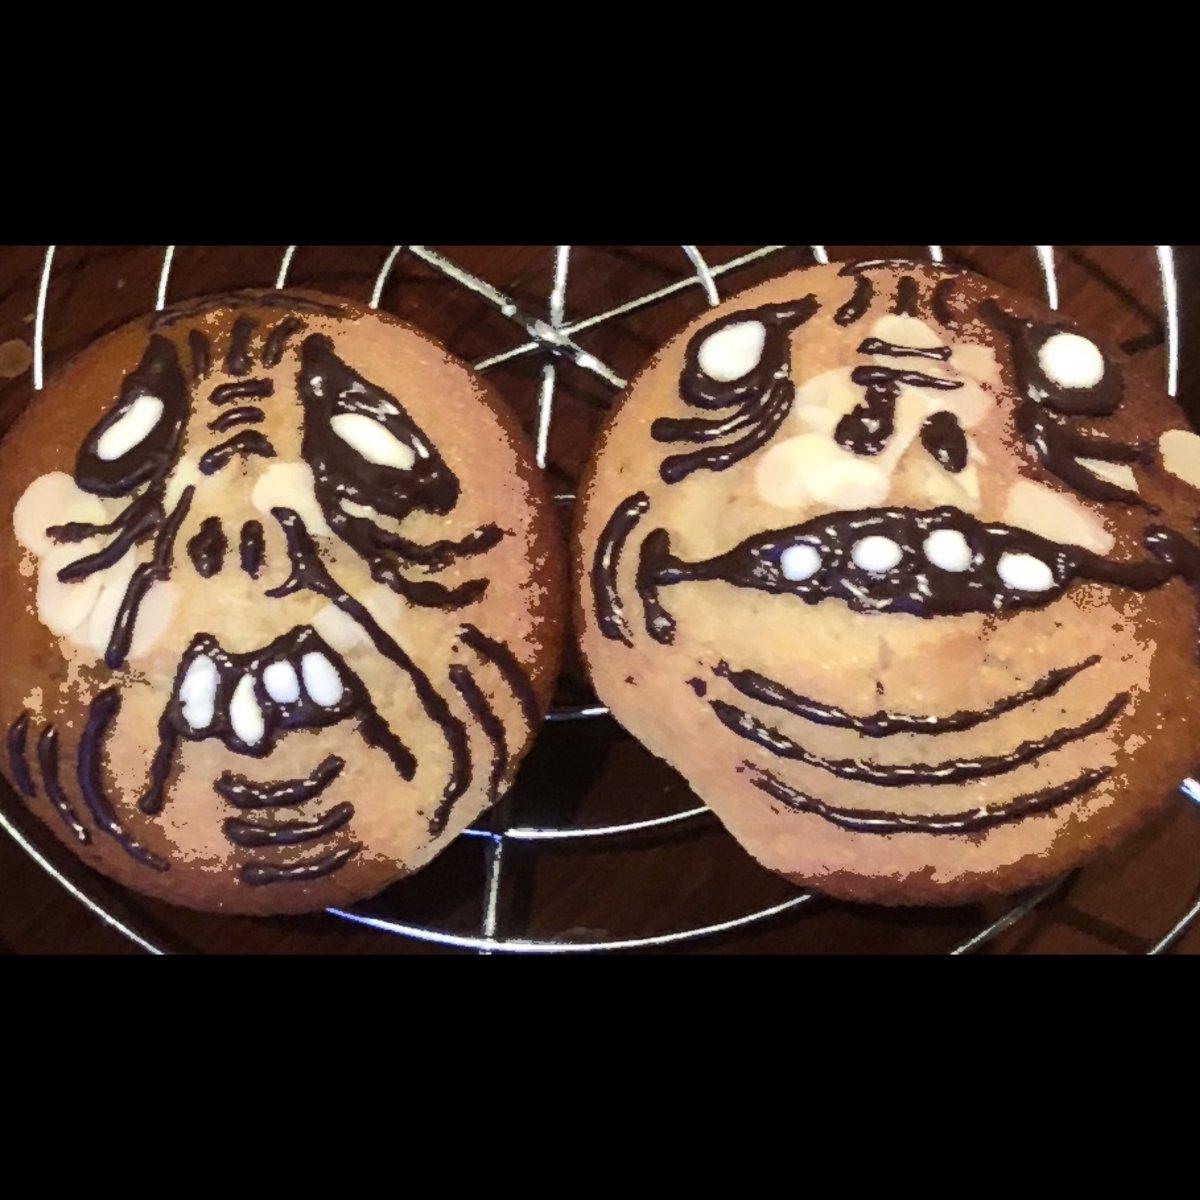 test ツイッターメディア - 焦がして香る至極のマフィン(プレーン)のホラーバージョン作りました。 紅はるか使用の焼き芋米粉マフィンも焼きました! 栗入り、餅入り、ラムレーズン&くるみ入りがあります。是非に。😙  #halloween #ハロウィン #ホラー #horror #米粉 #米油 #米粉マフィン #チョコミントマフィン断面 https://t.co/ZxbdvQIjga